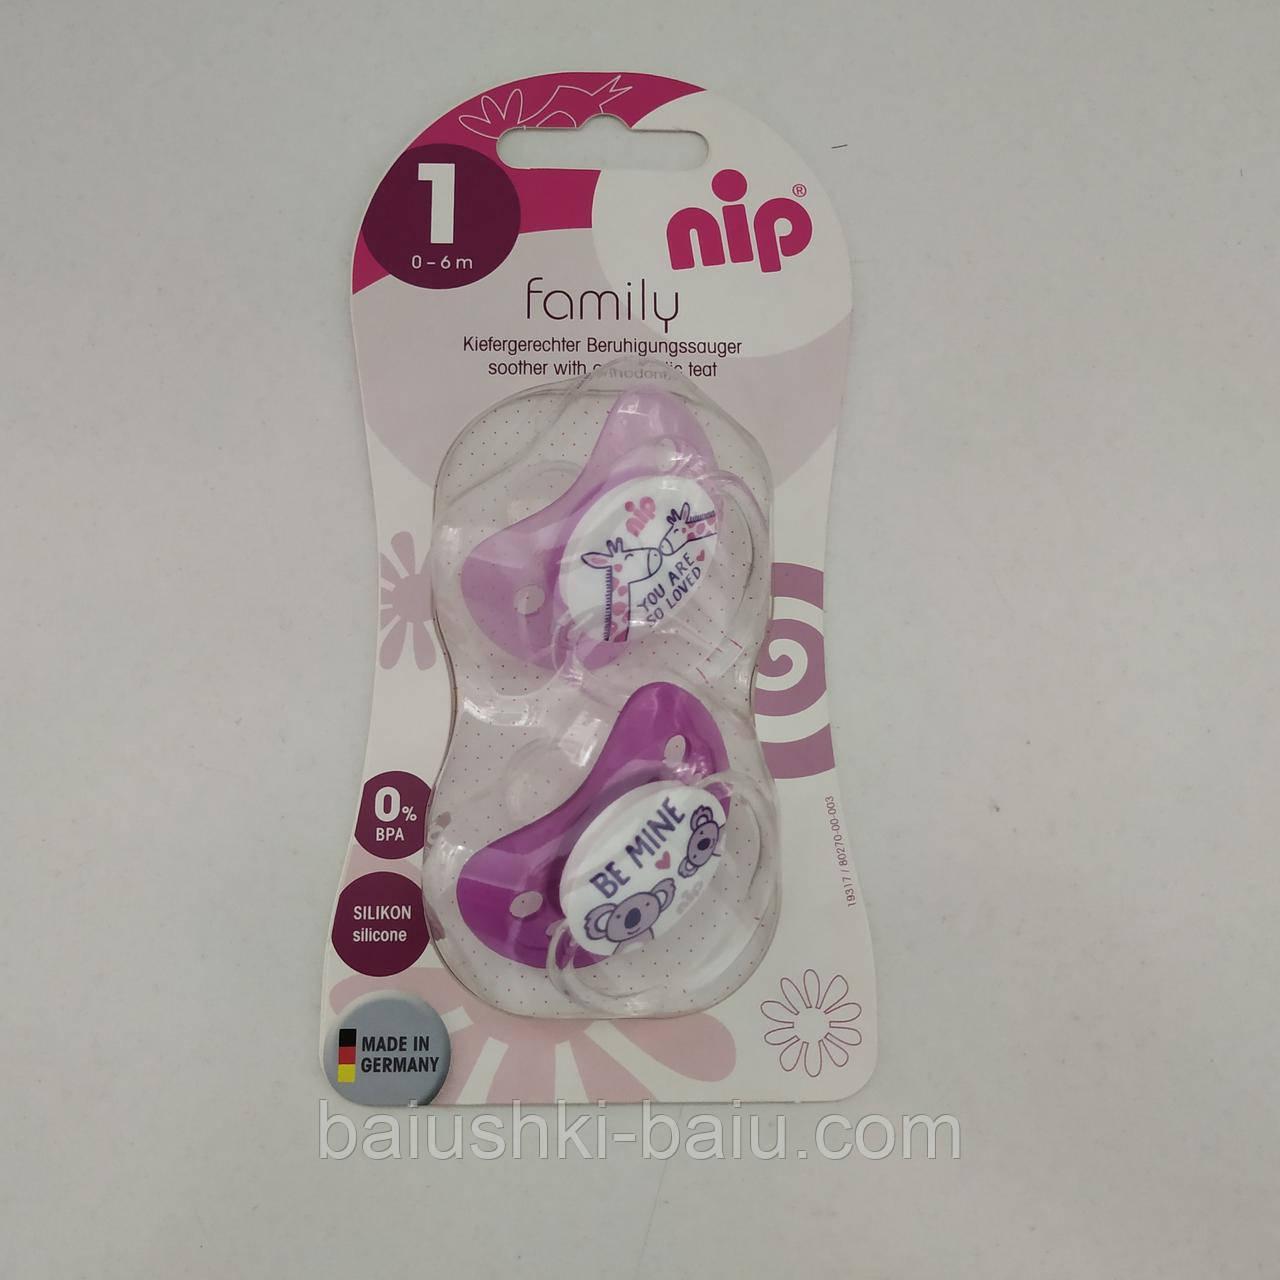 Пустышка силиконовая ортодонтическая для девочек Nip family, 2 шт, 0-6 мес.